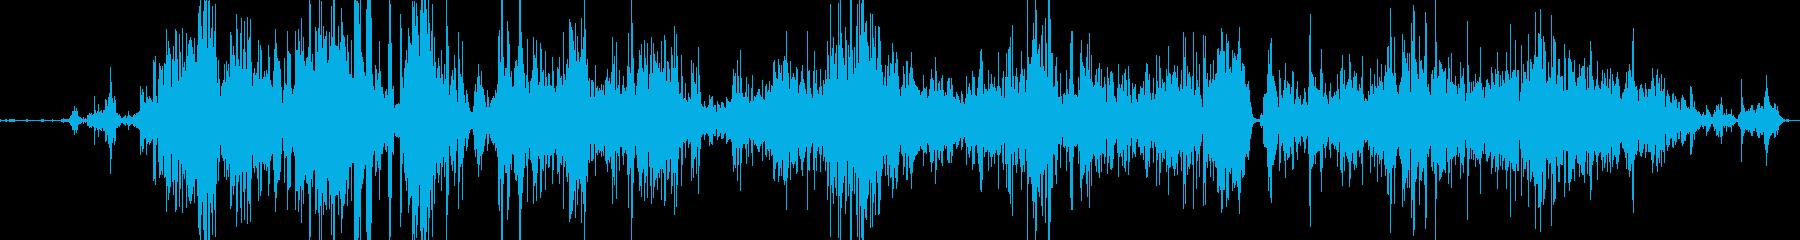 メタルスクレープ;ざらざらしたセメ...の再生済みの波形